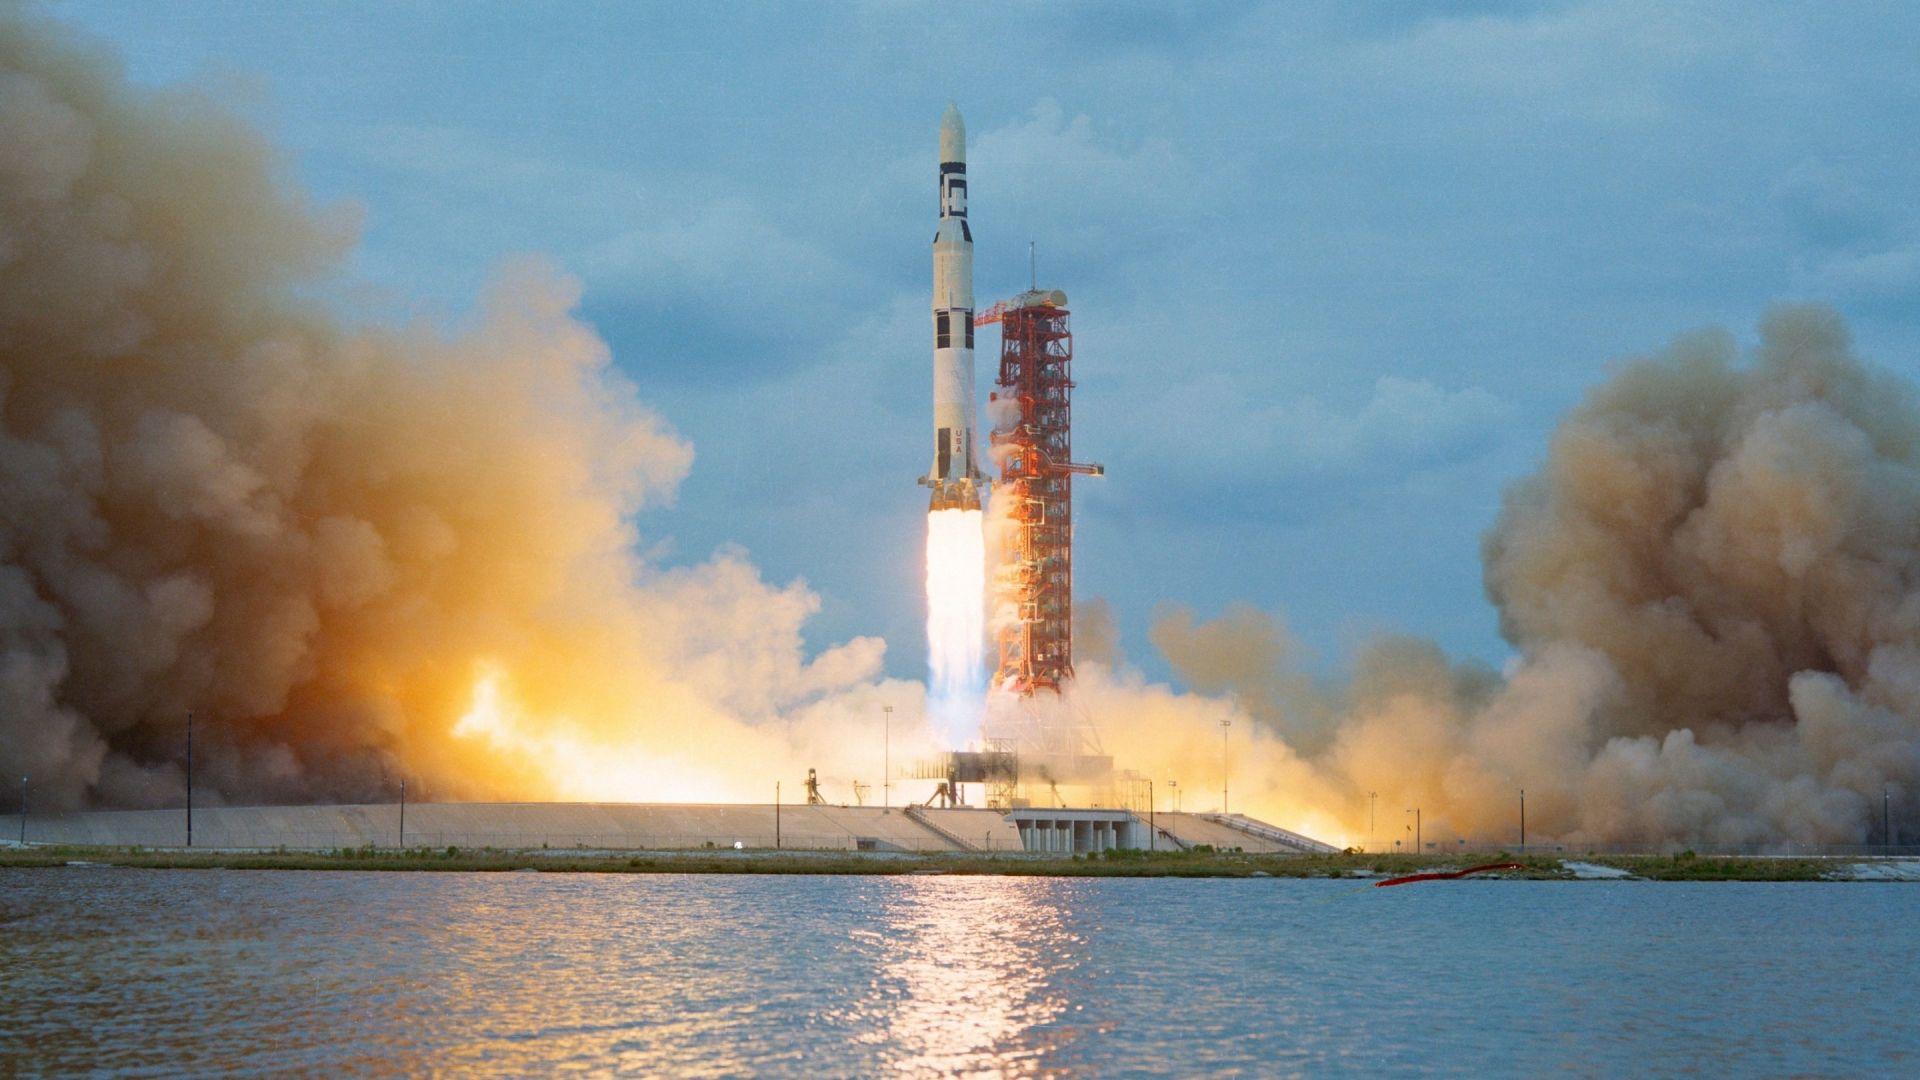 Най-красивите снимки на ракетни изстрелвания